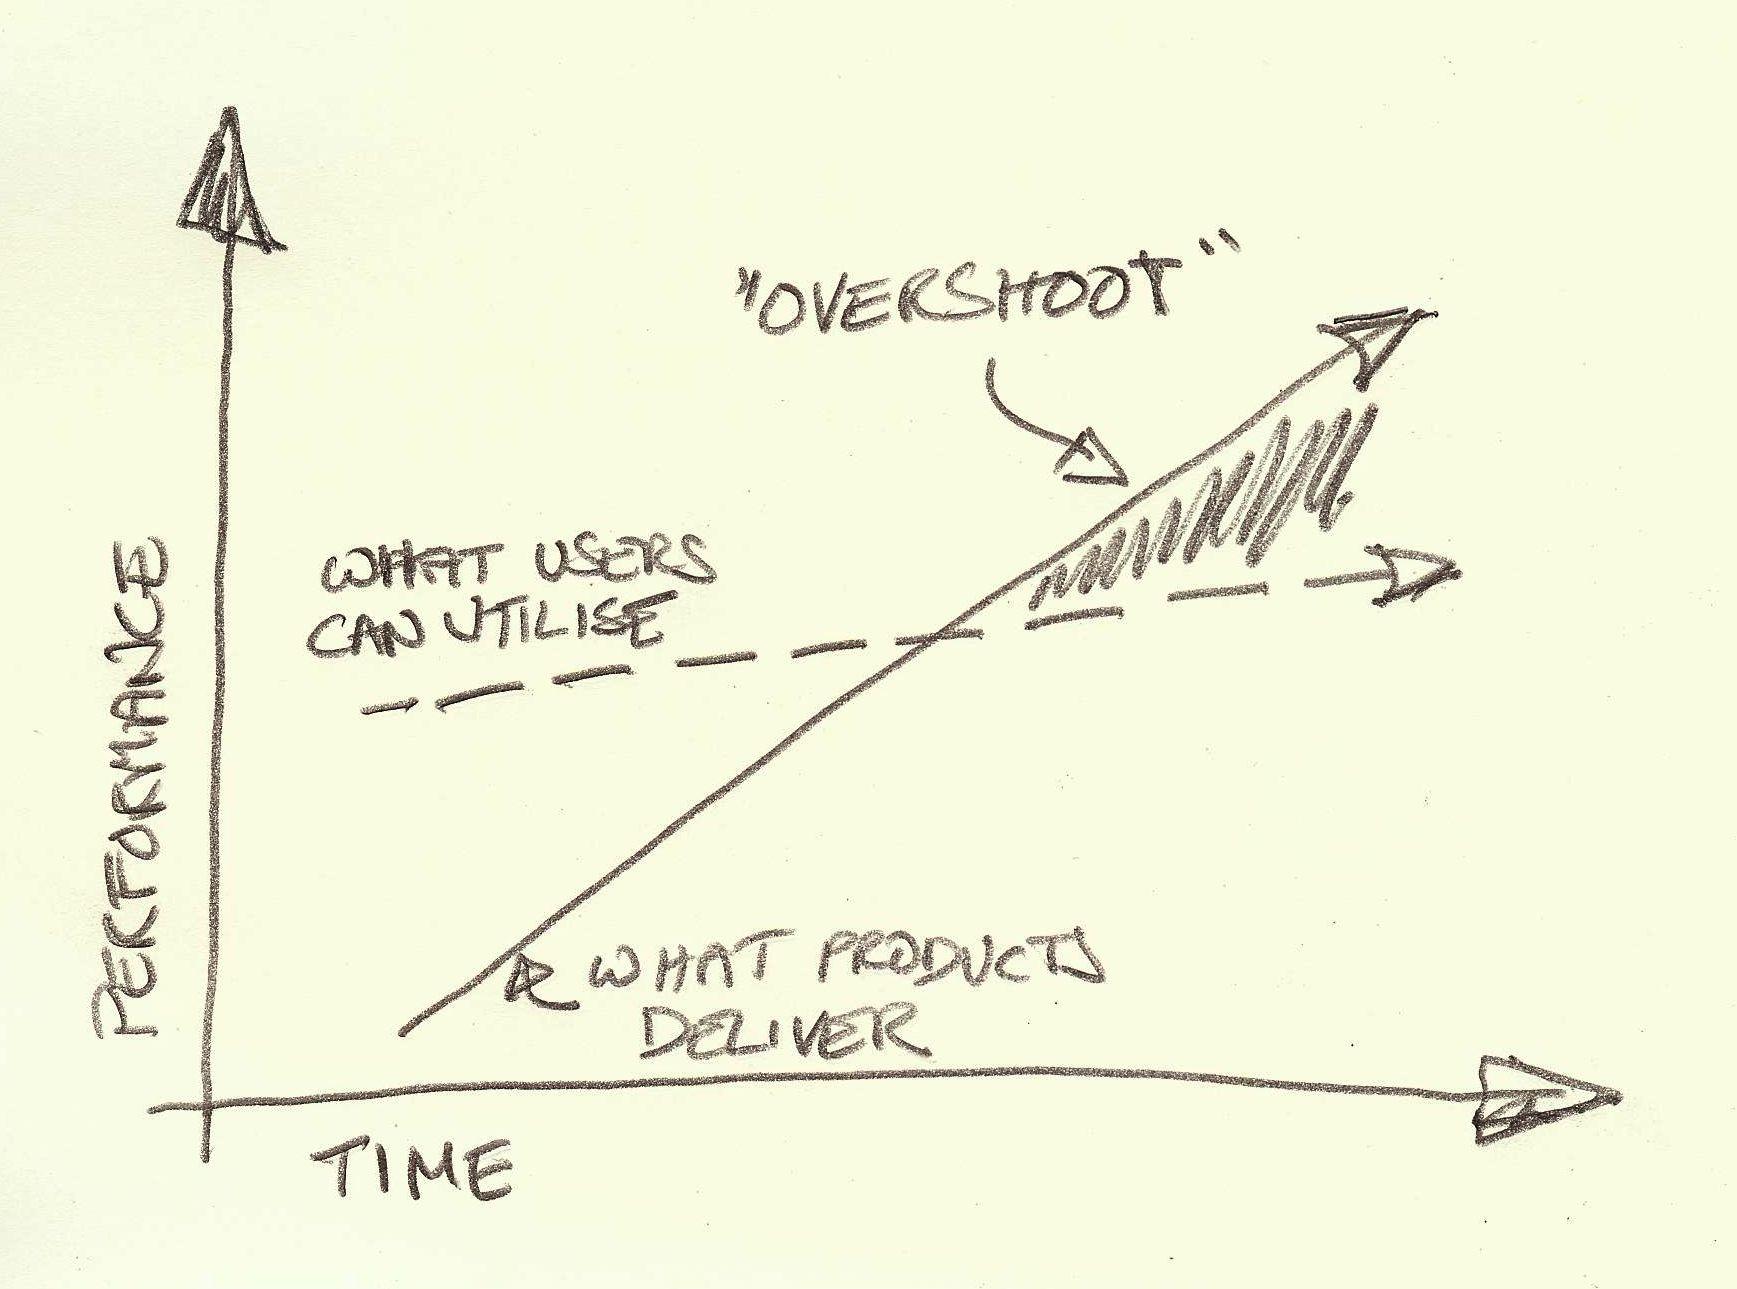 Product functionality overshoot